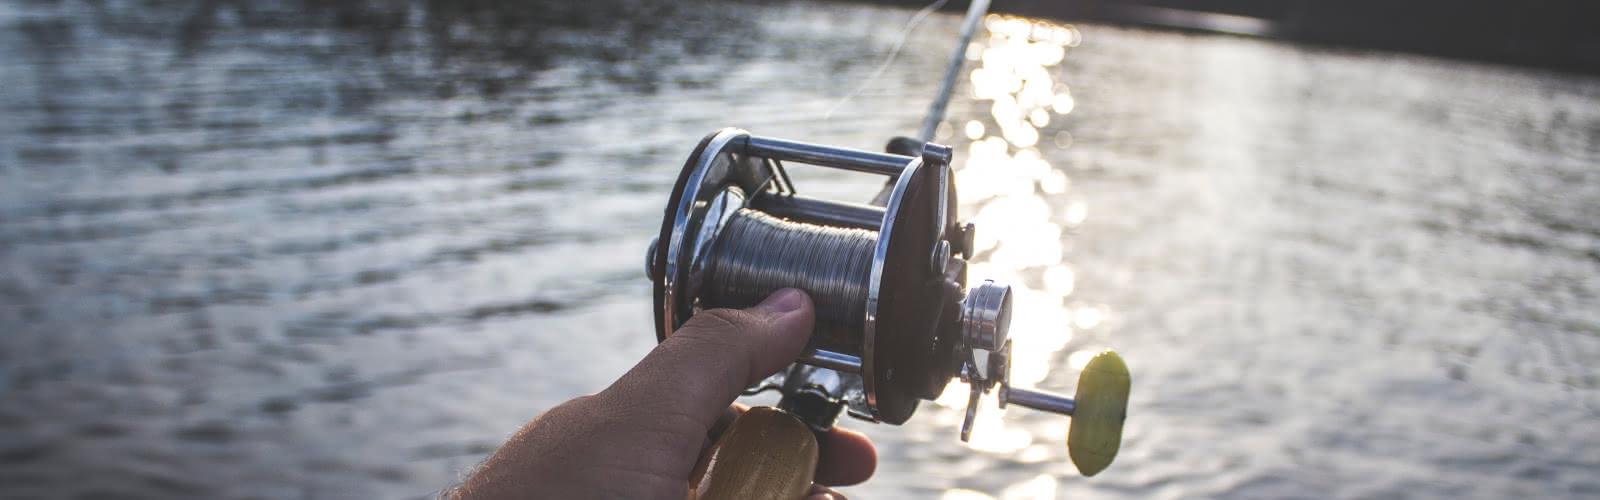 Pêche sur le lac d'Enghien-les-Bains